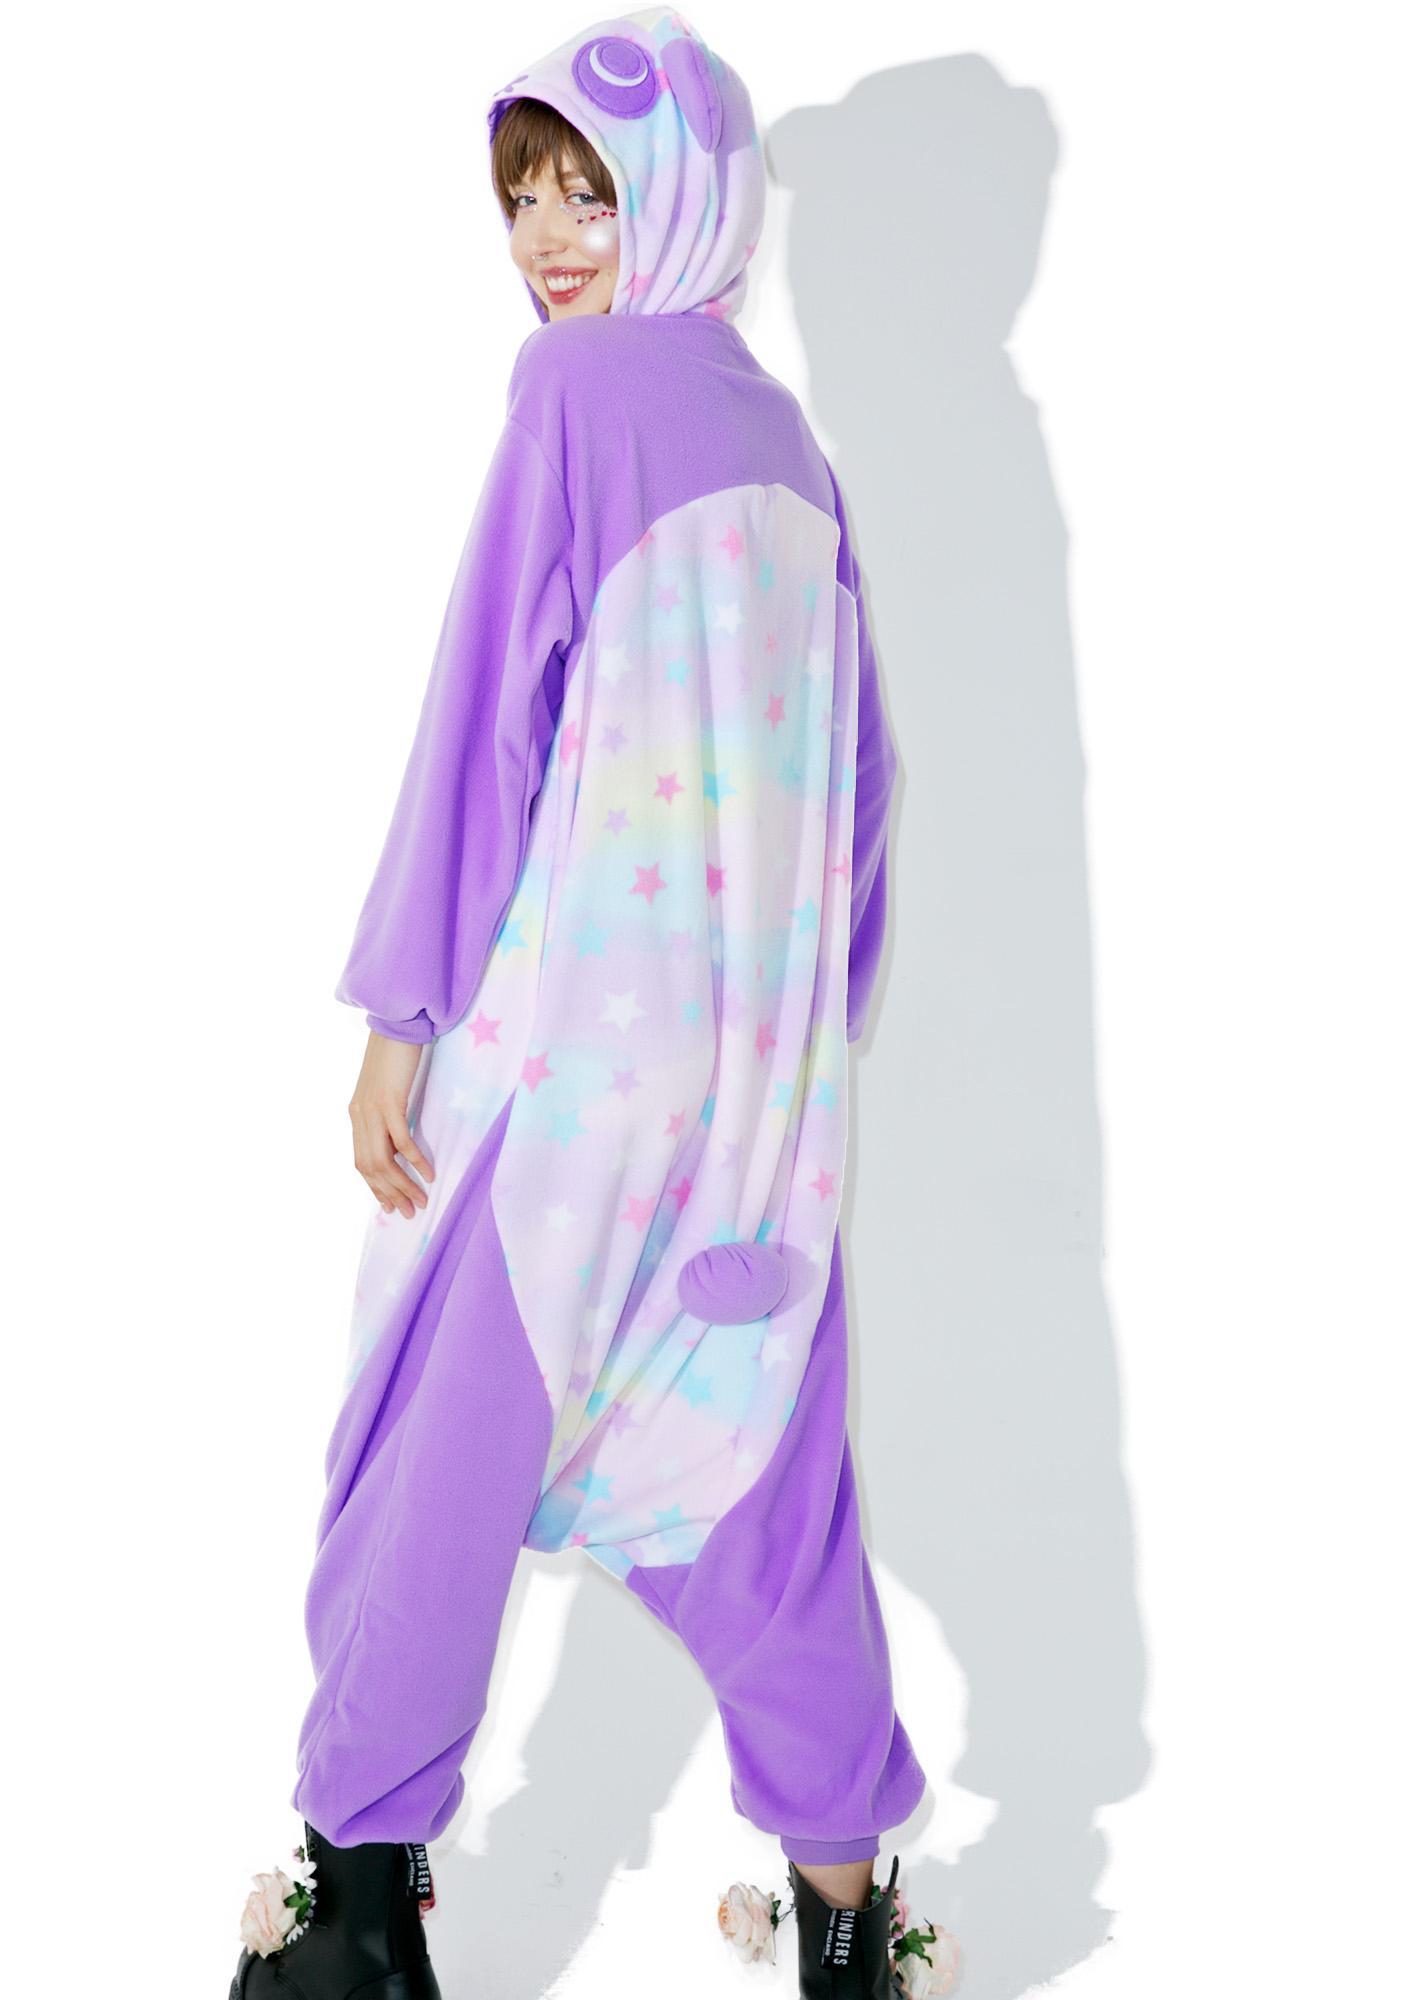 Sazac Dreamin' Pastel Panda Kigurumi